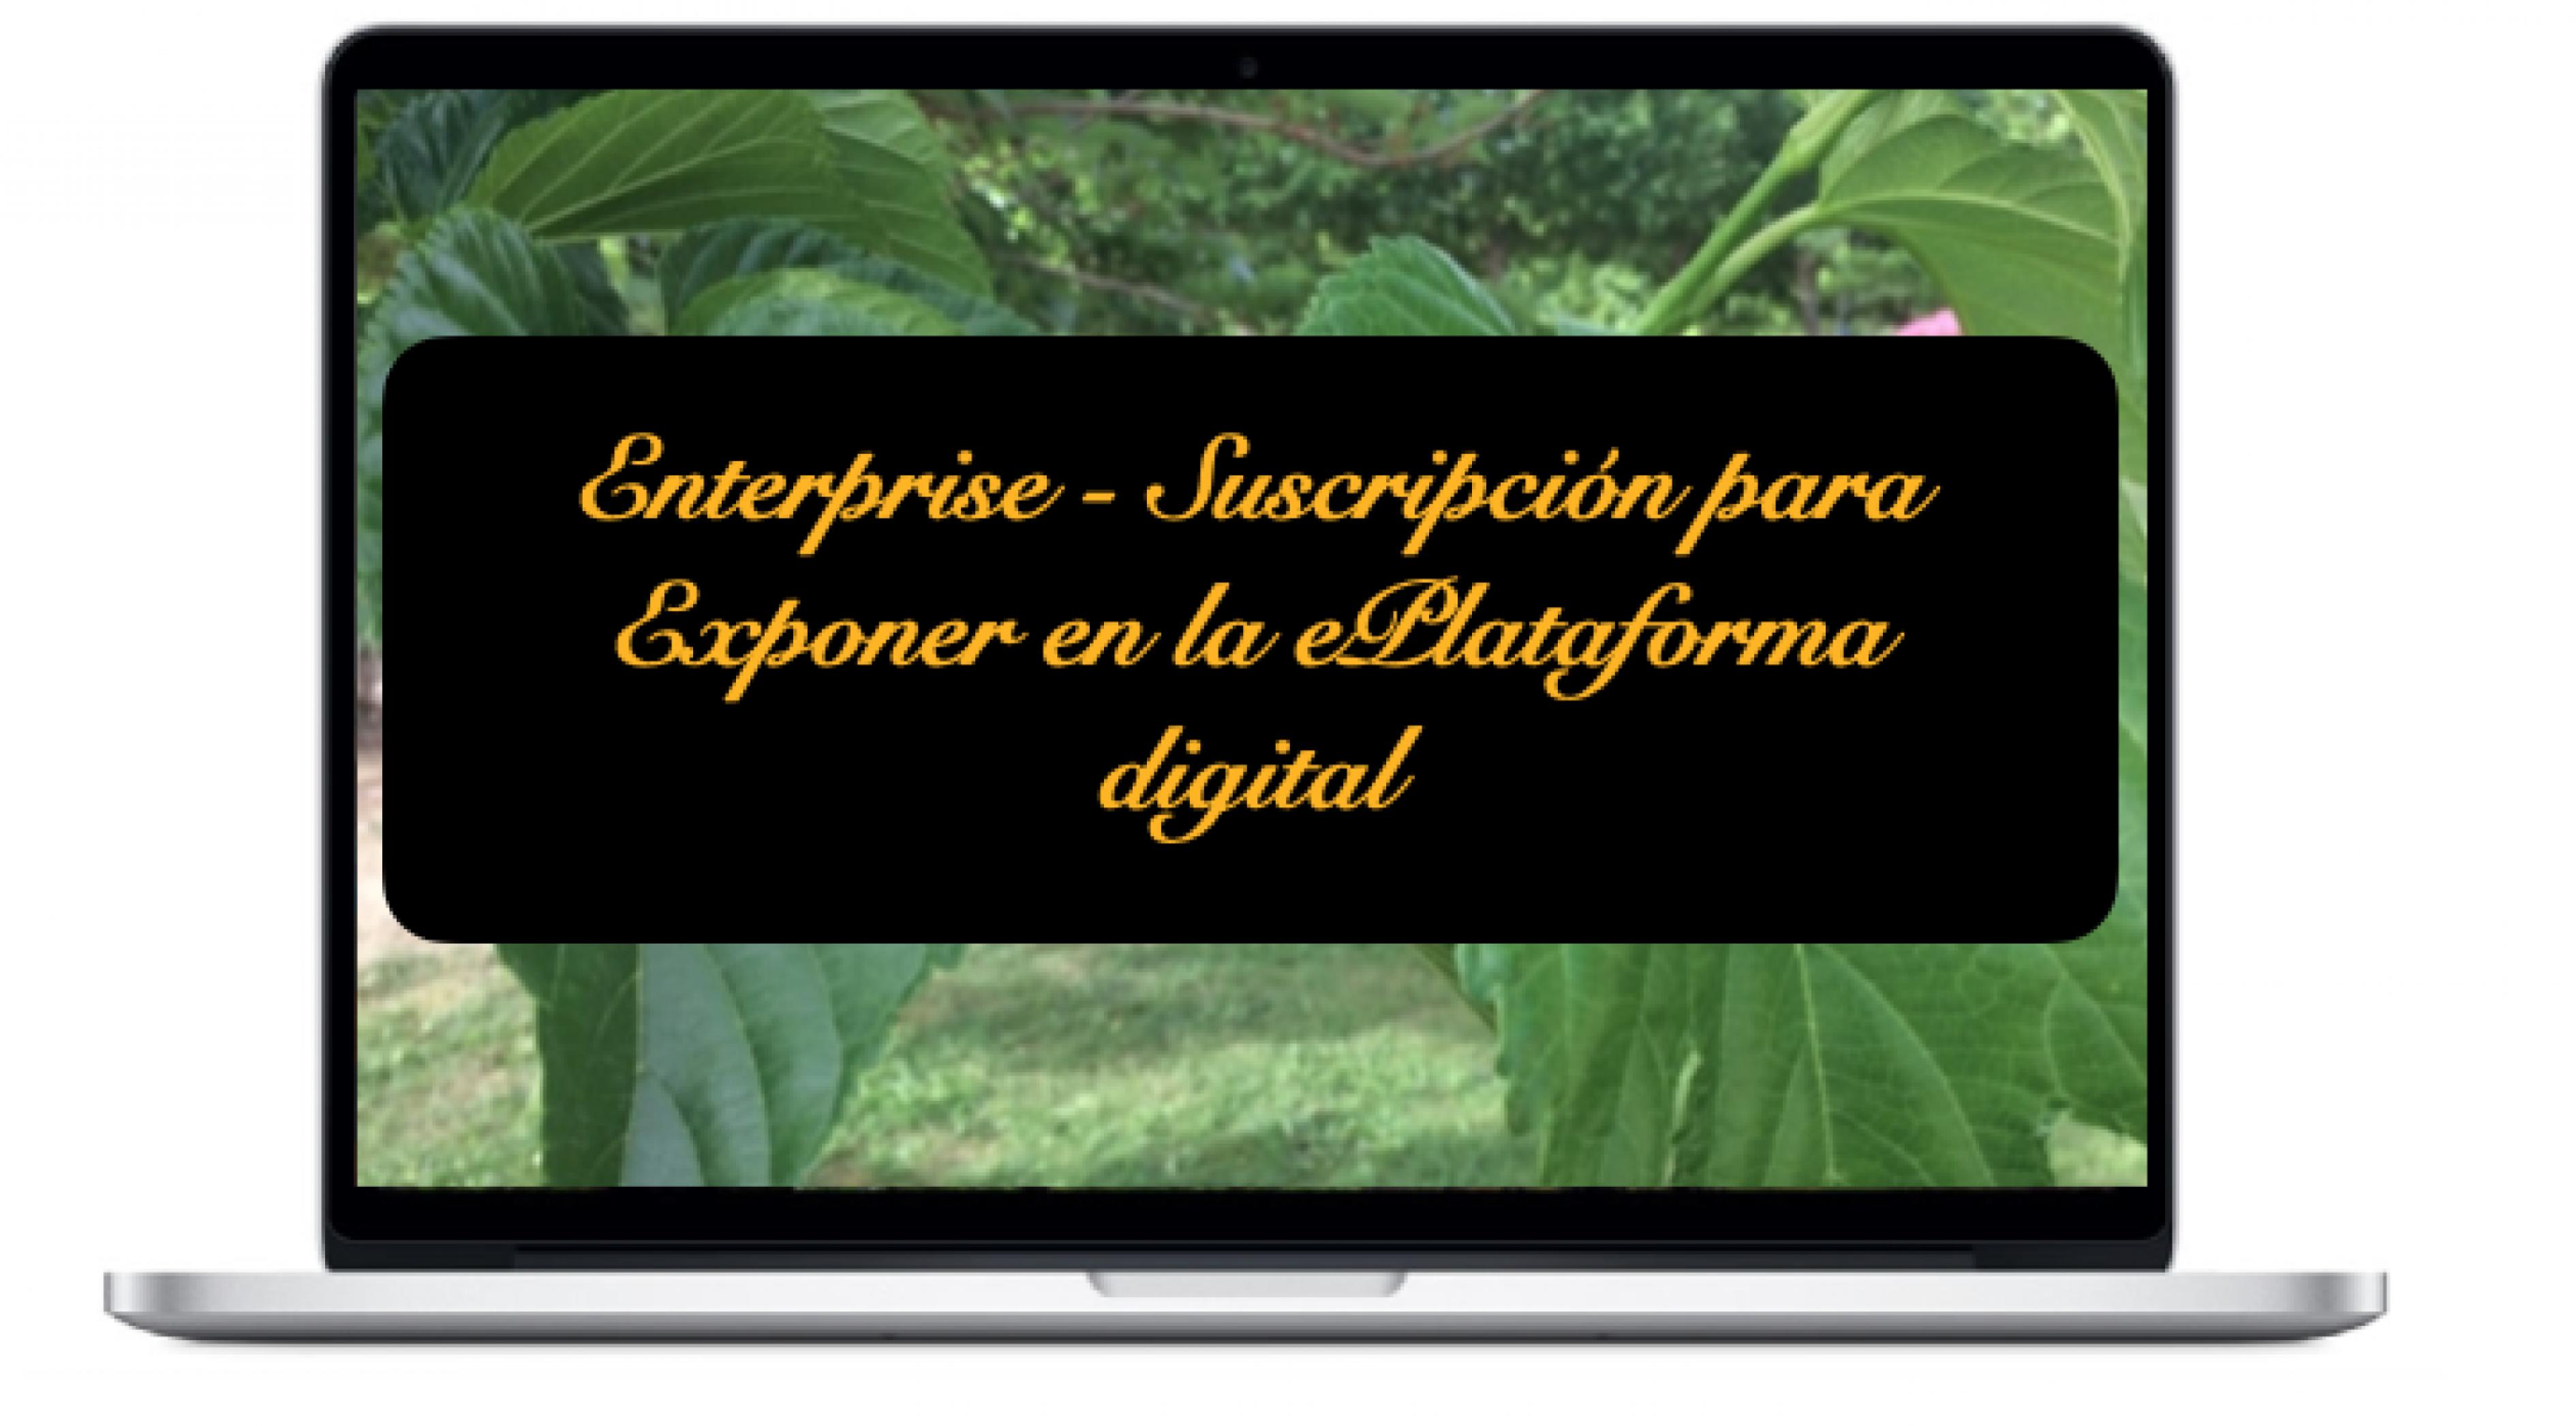 enterprise-suscripcion-para-exponer-en-la-eplataforma-digital